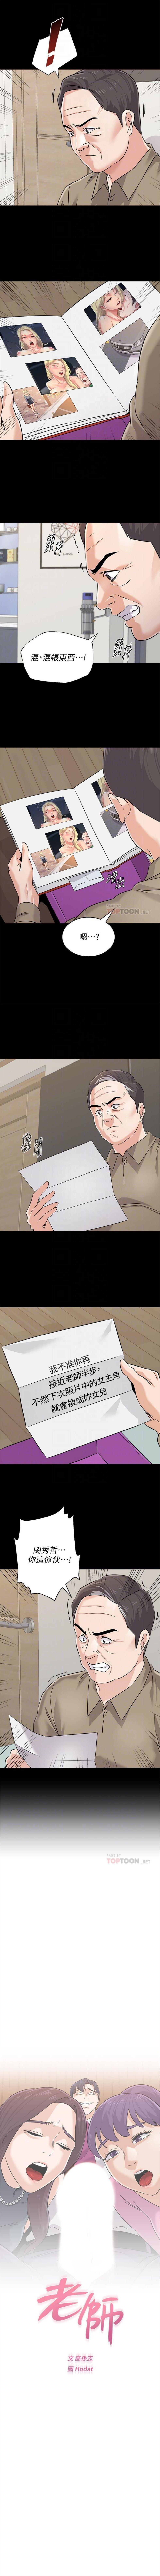 老師 1-80 官方中文(連載中) 590